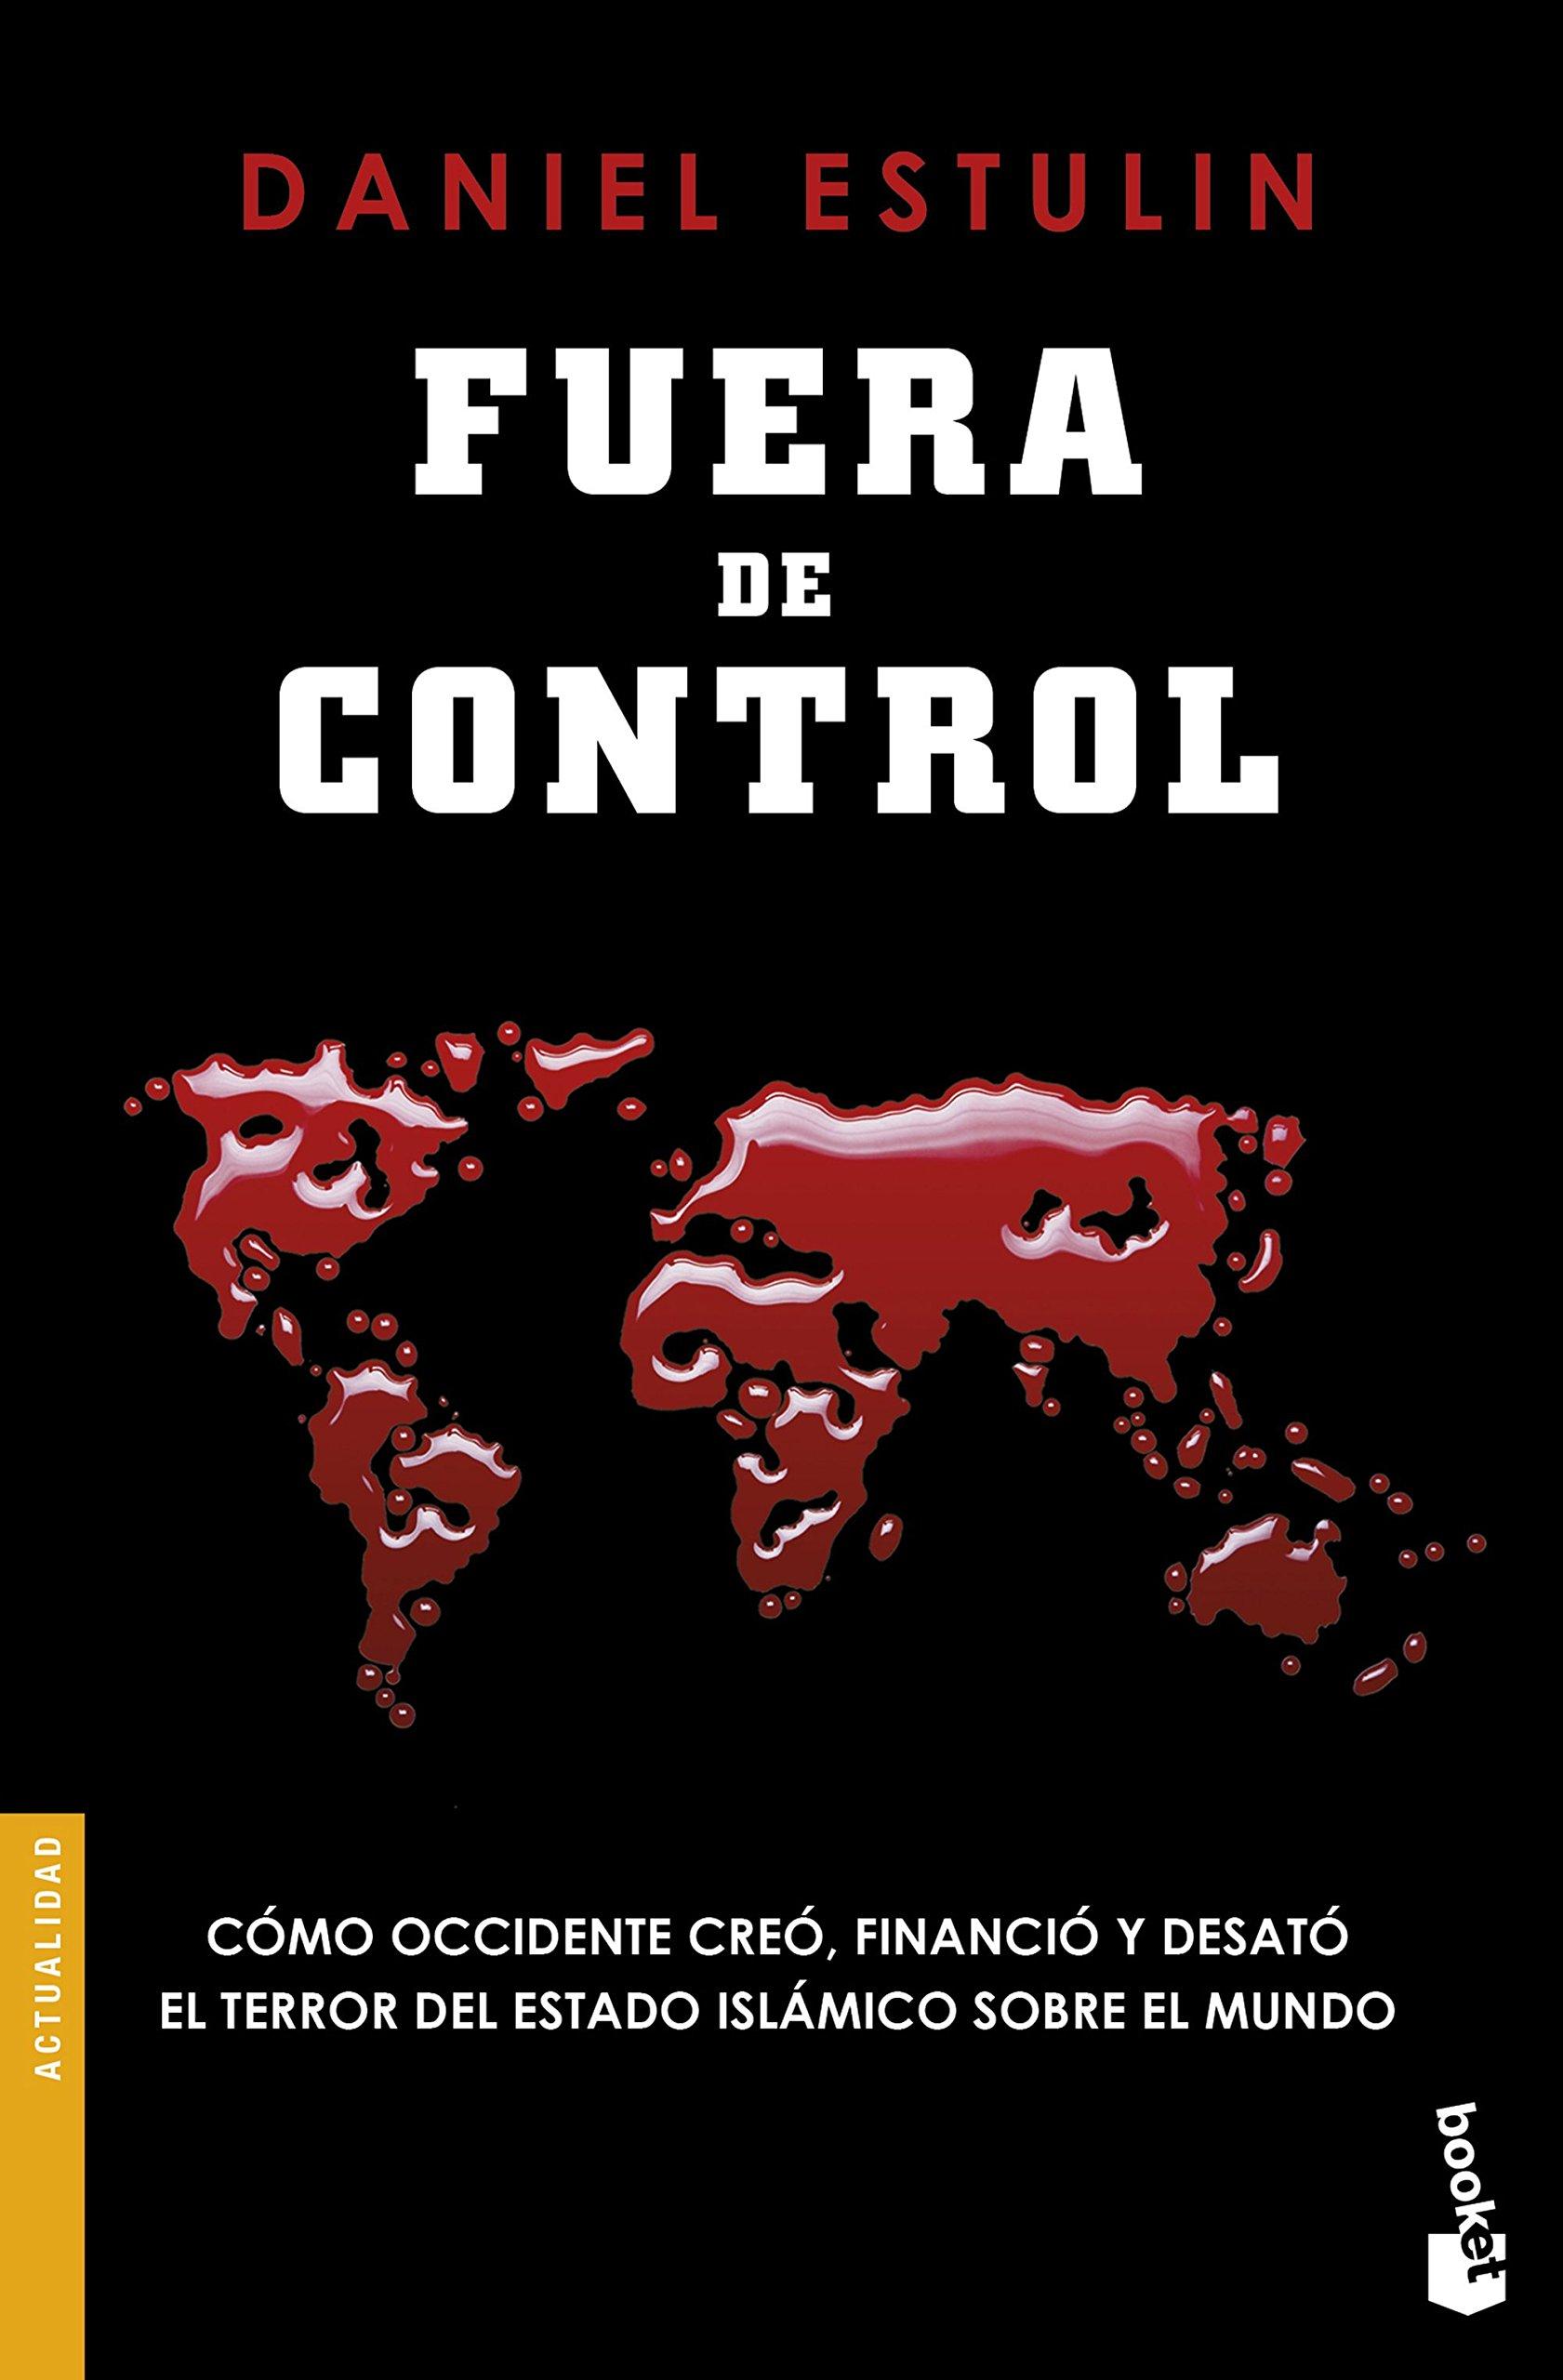 Fuera de control: Cómo Occidente creó, financió y desató el terror del Estado Islámico sobre el mundo Divulgación: Amazon.es: Estulin, Daniel, Robledillo, Eva: Libros